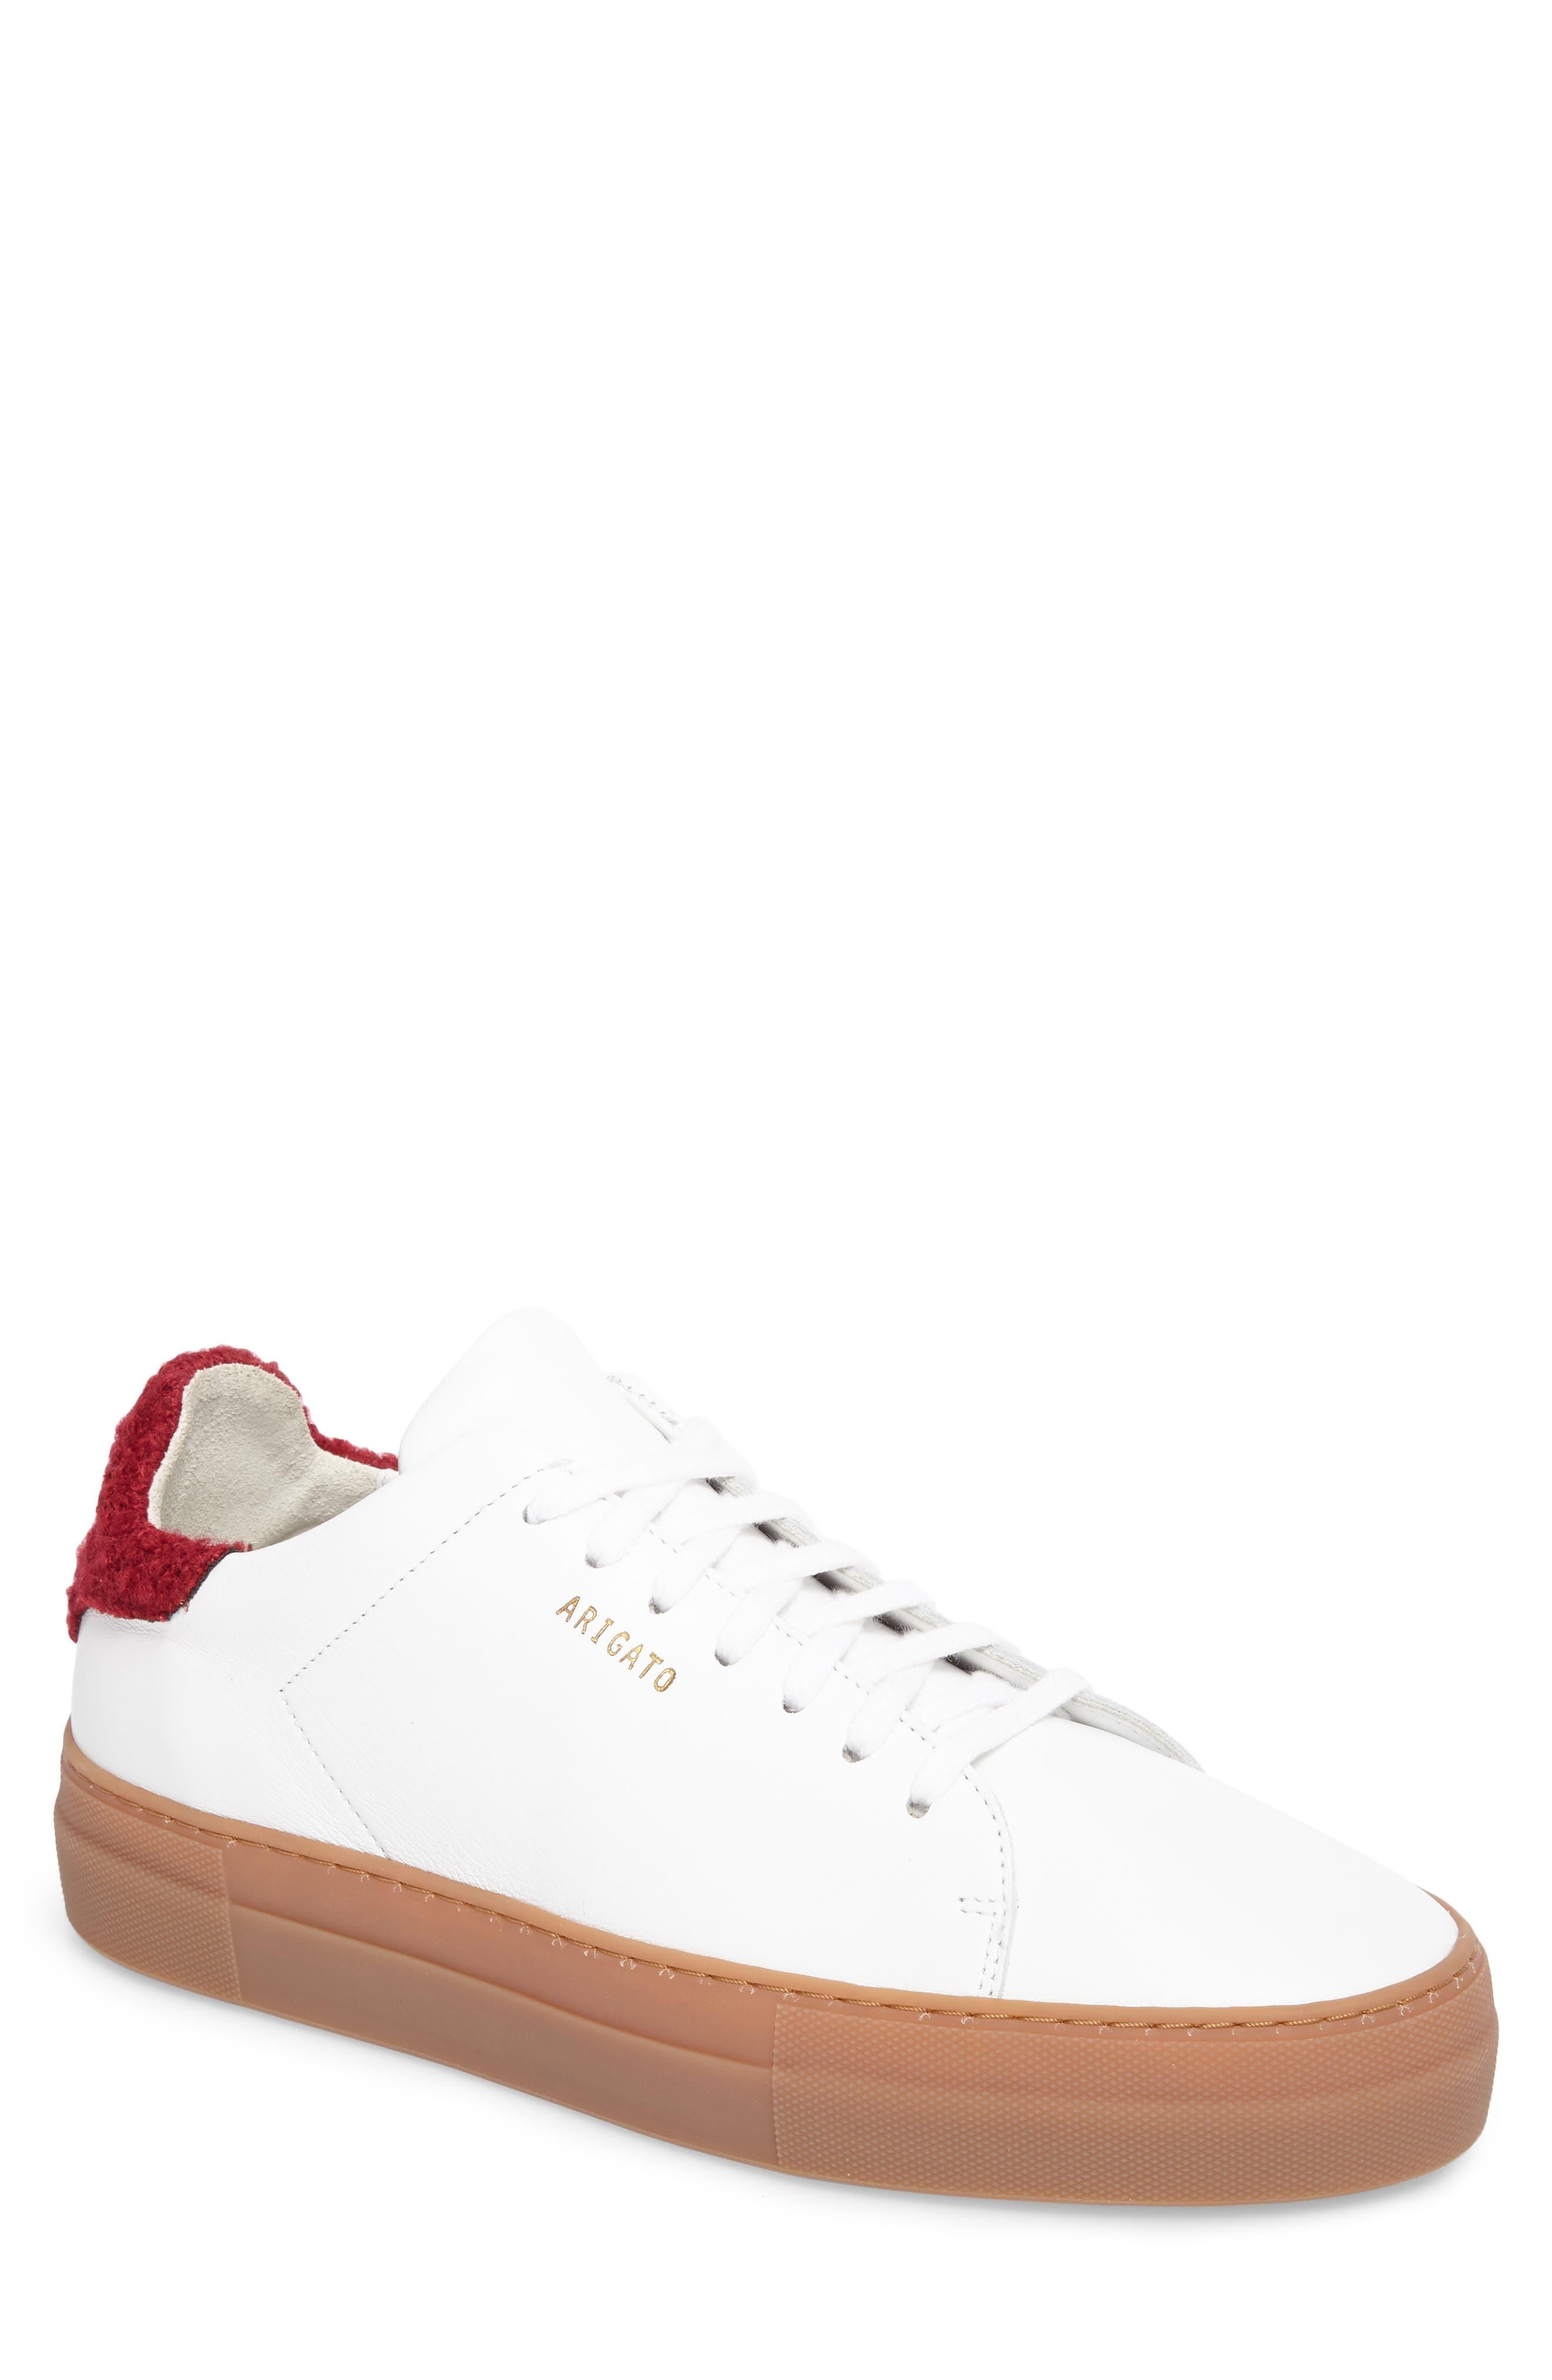 Axel Arigato Men's Clean 360 360 360 Fuzzy Heel Sneaker 6knJm limasaglik b1f29e